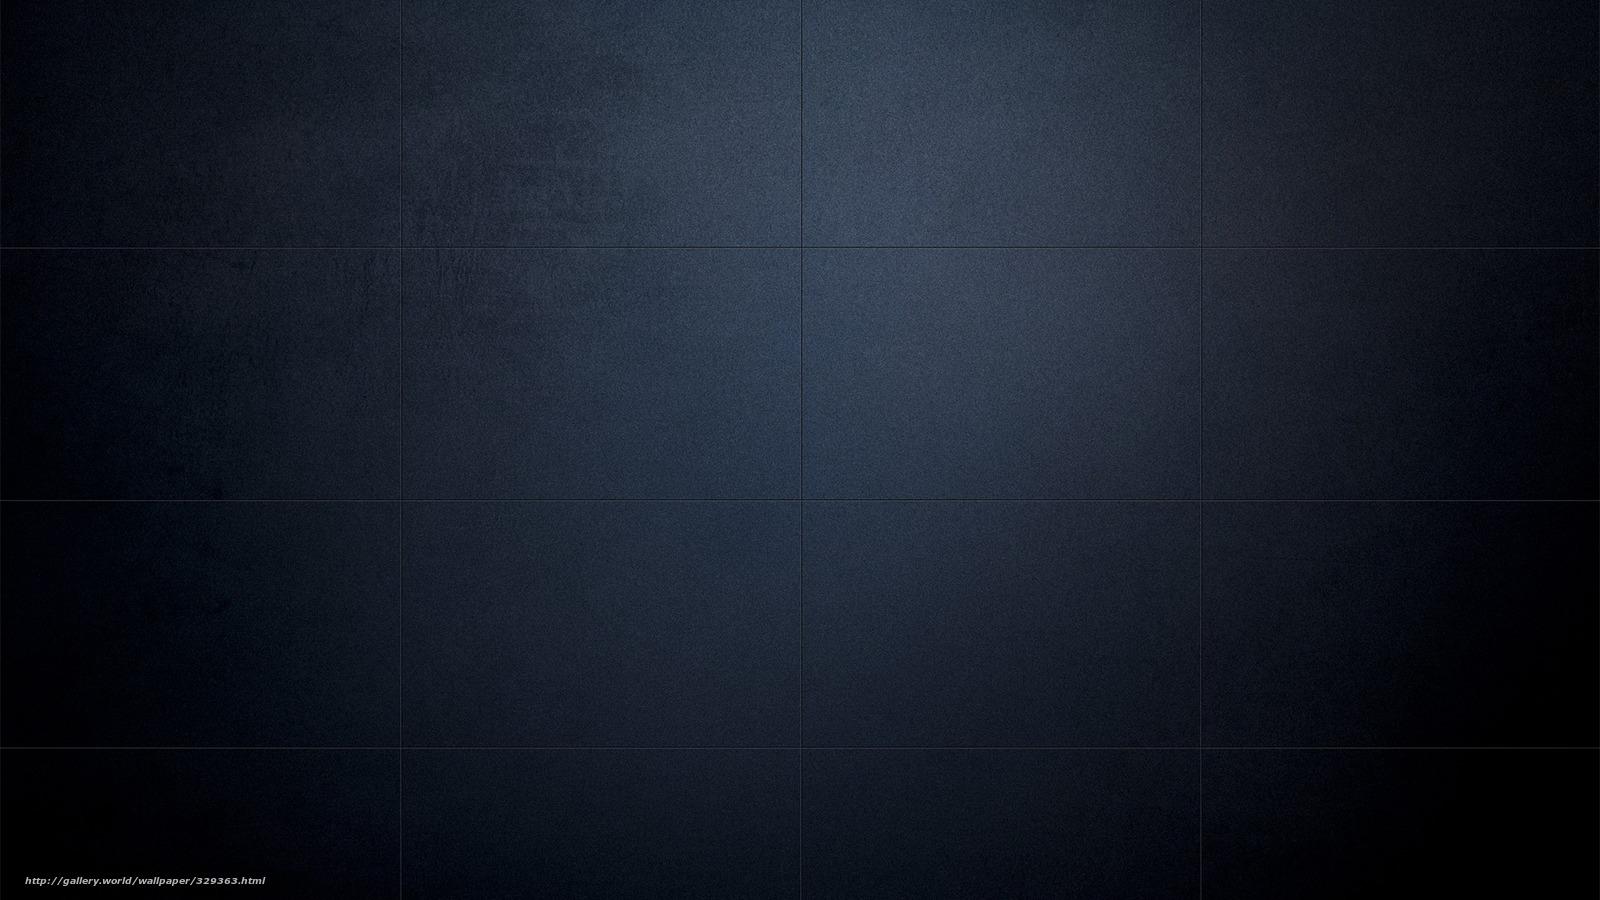 Tlcharger fond d 39 ecran mur minimalisme sombre fond for Fond ecran sombre